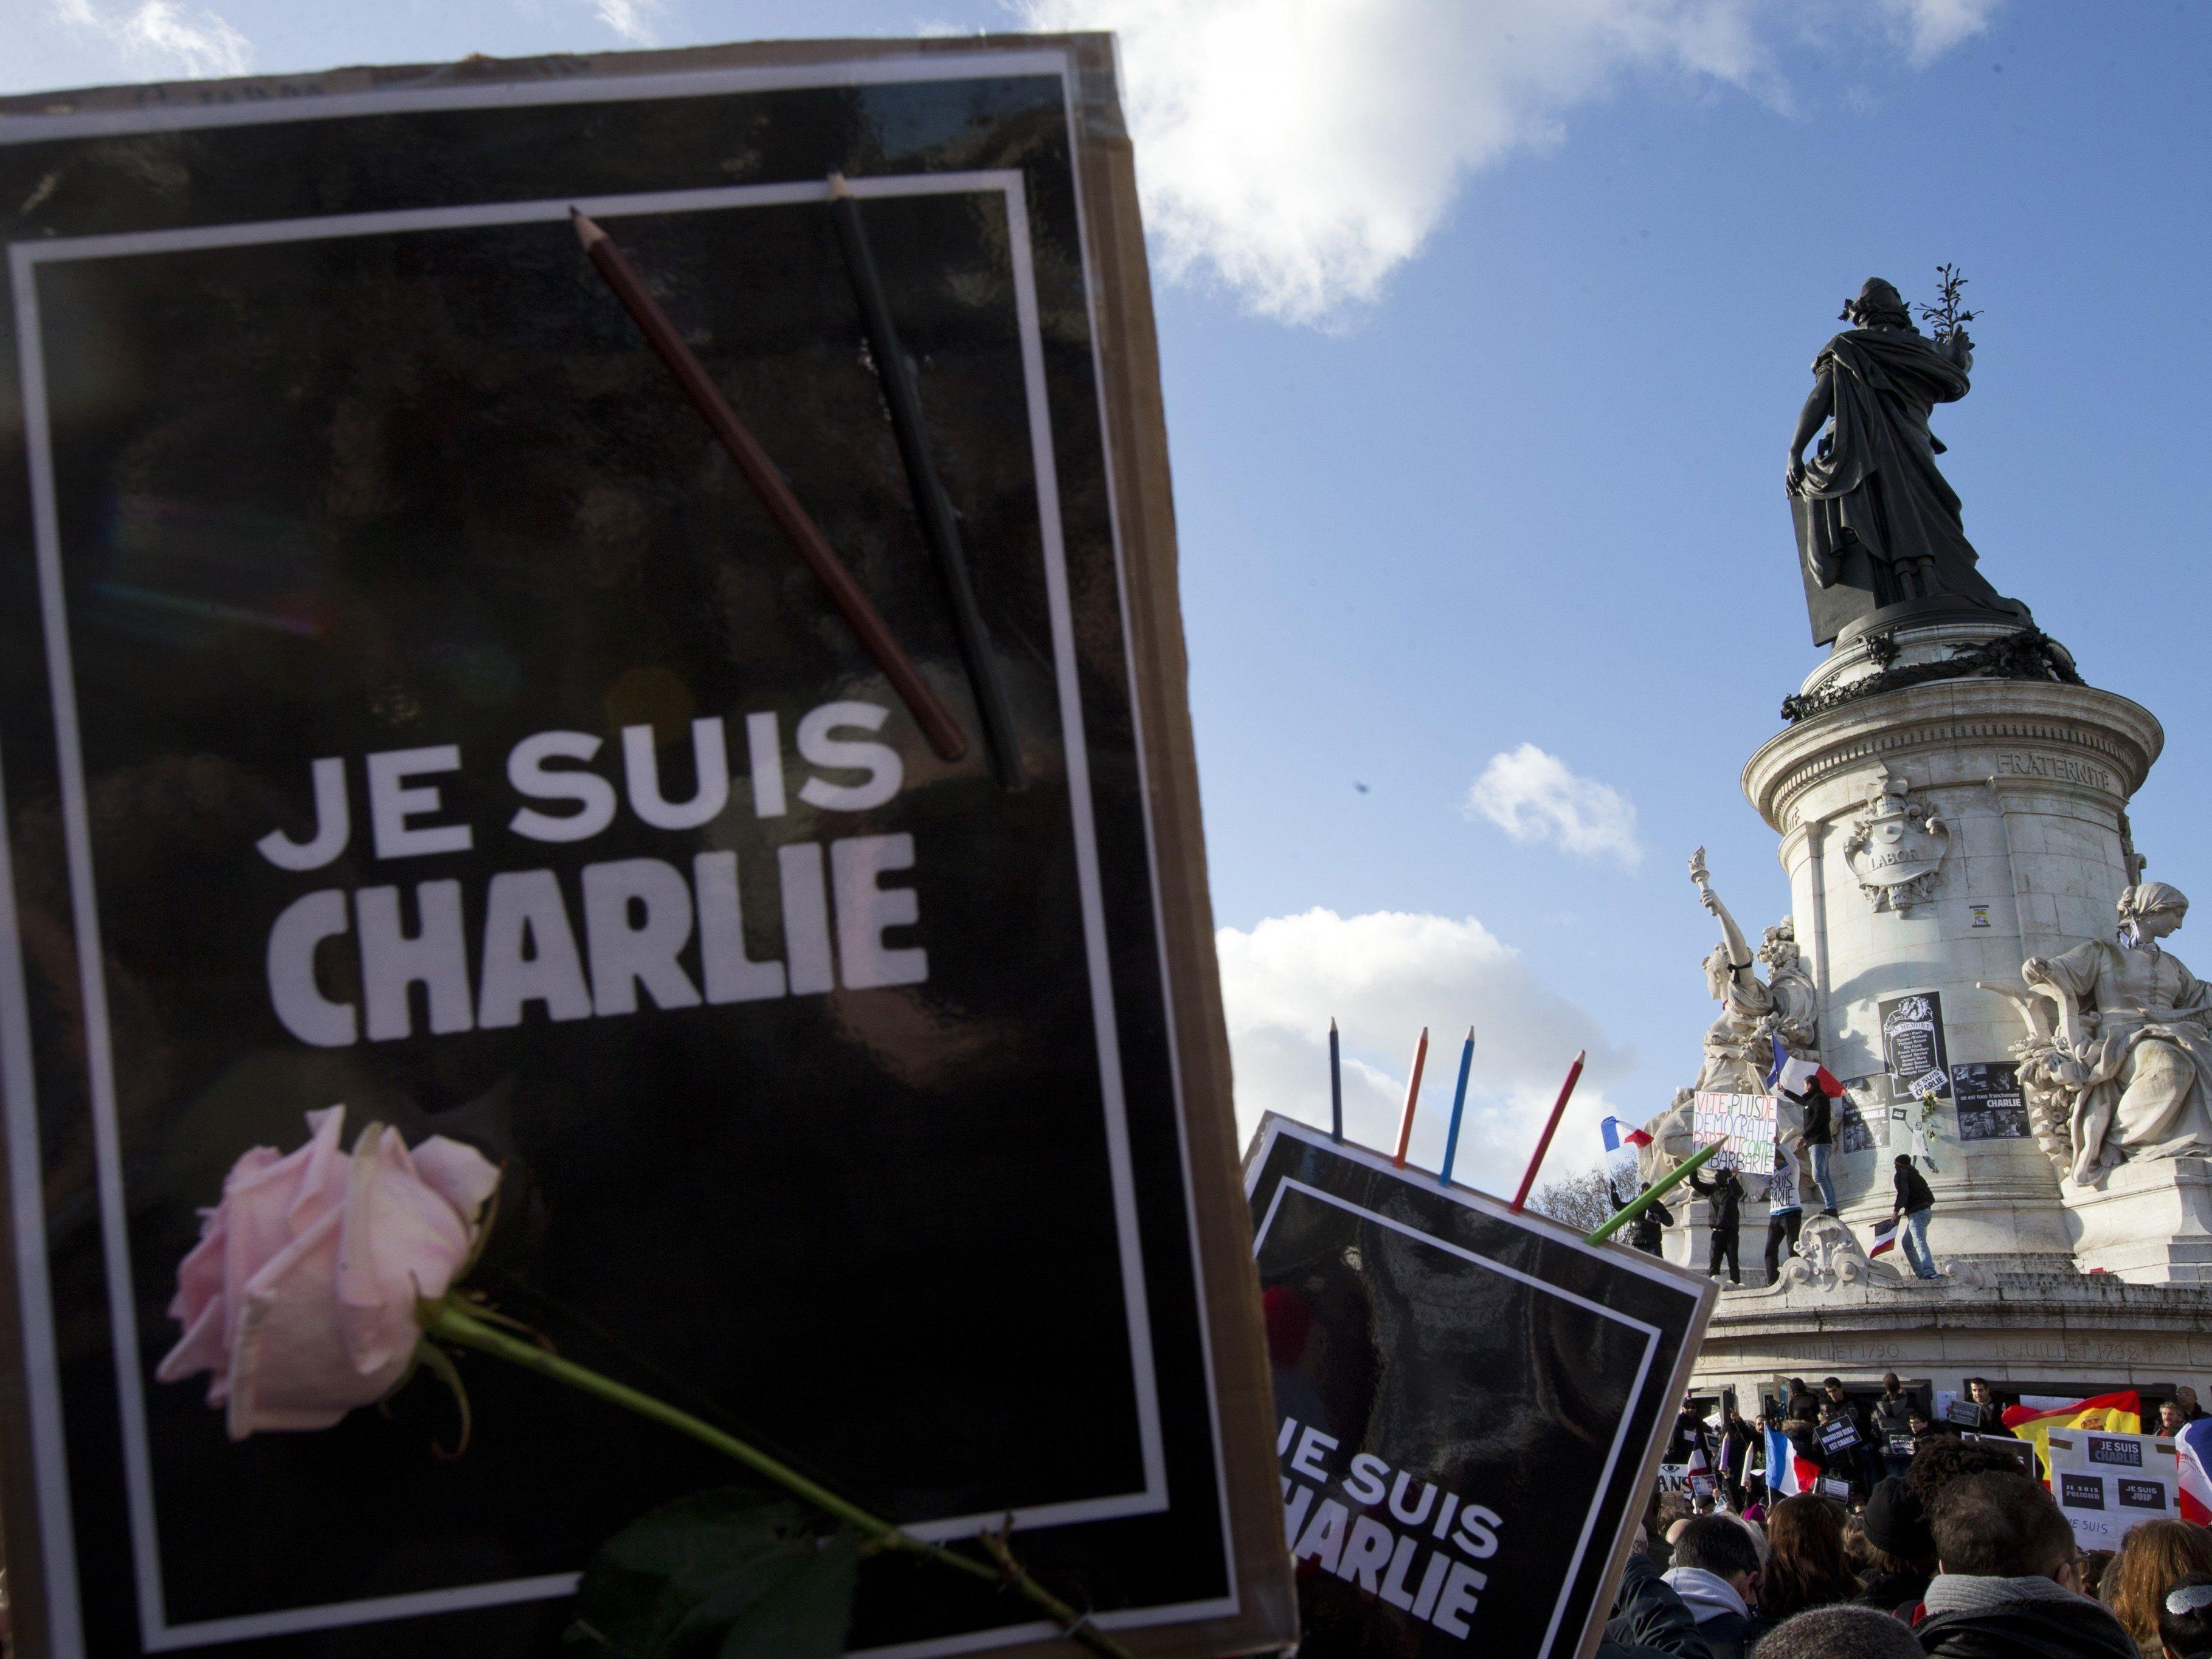 Nach der Terrorwelle, die Frankreich erschütterte, gingen Millionen auf die Straßen und zeigten sich solidarisch mit den Opfern.